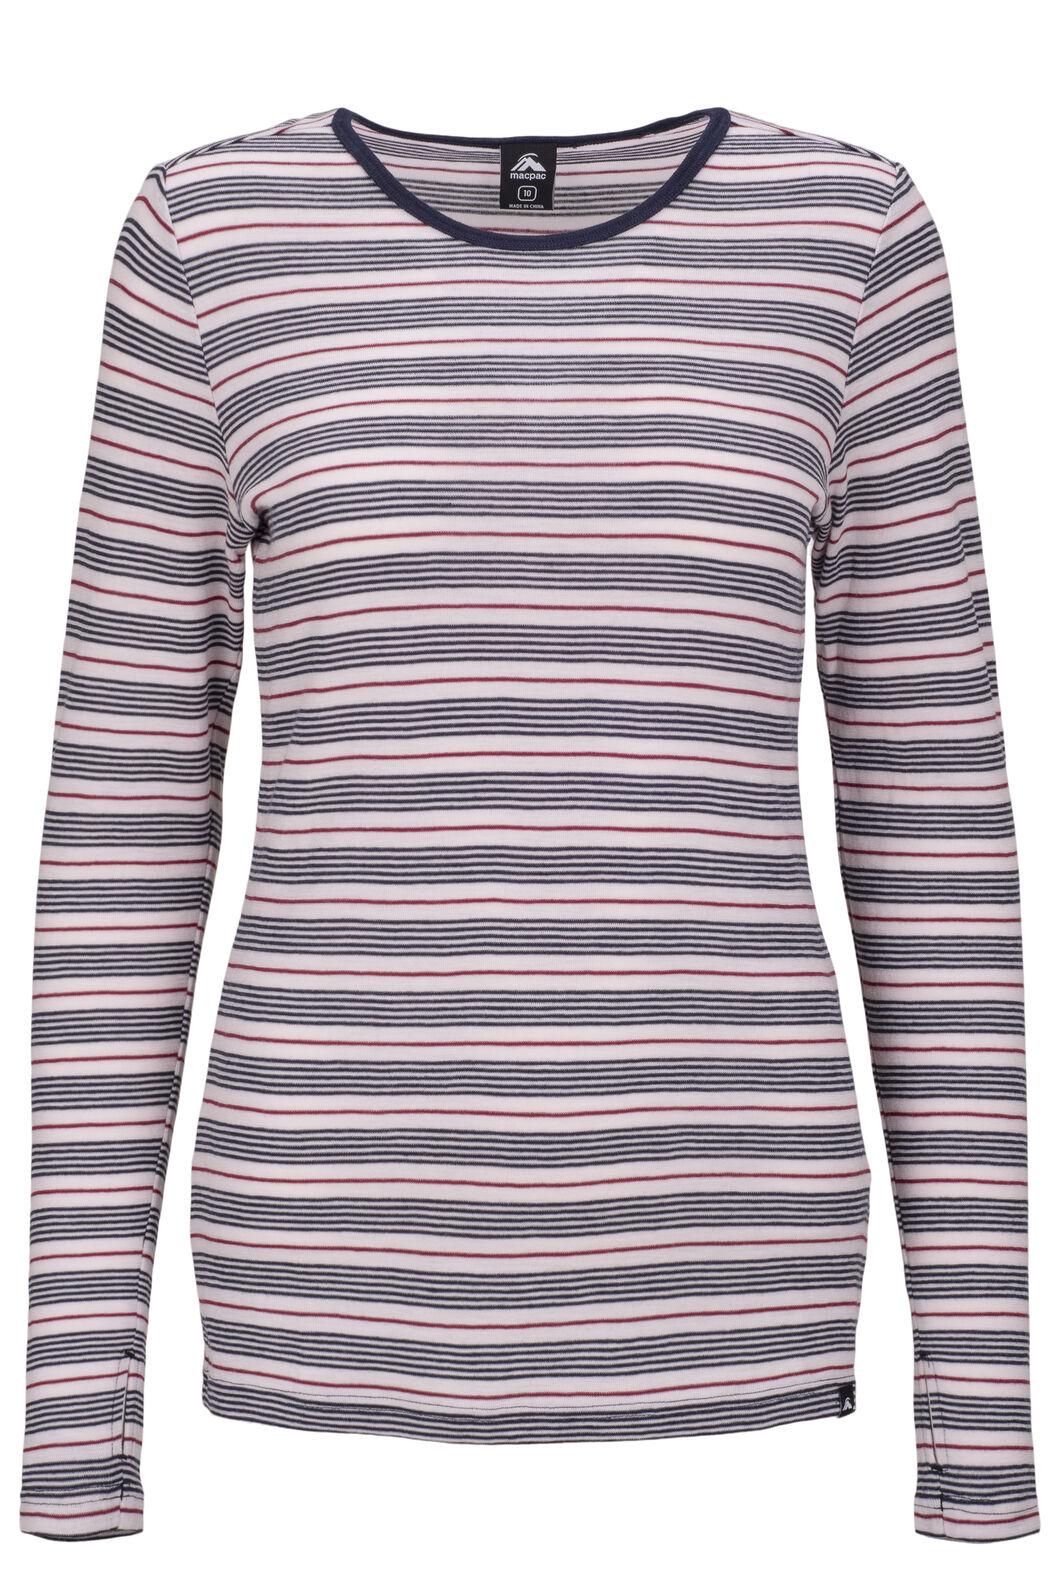 Macpac Women's 220 Merino Long Sleeve Top, Cradle Pink Stripe, hi-res